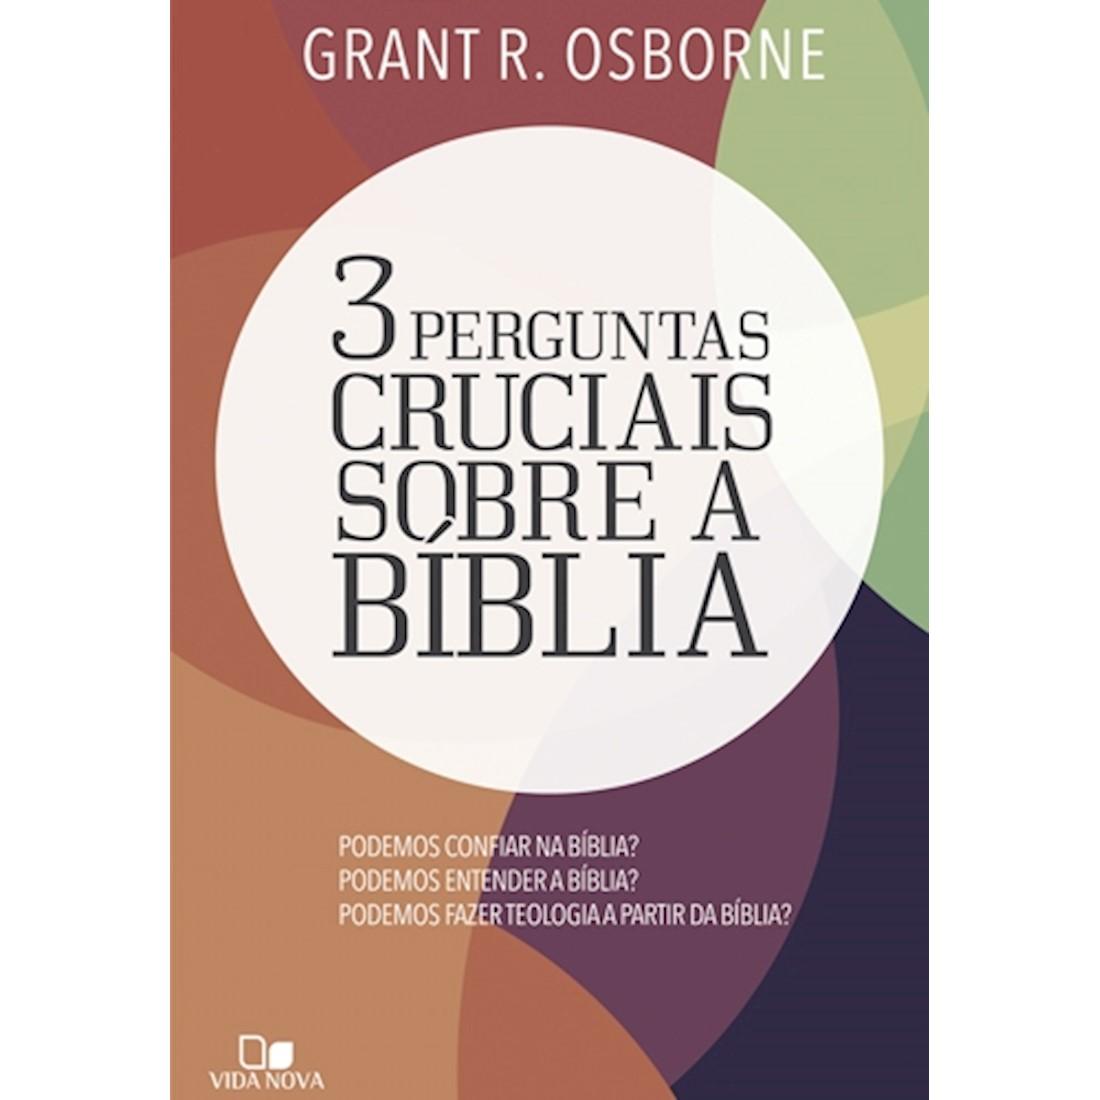 Livro 3 Perguntas Cruciais Sobre a Bíblia